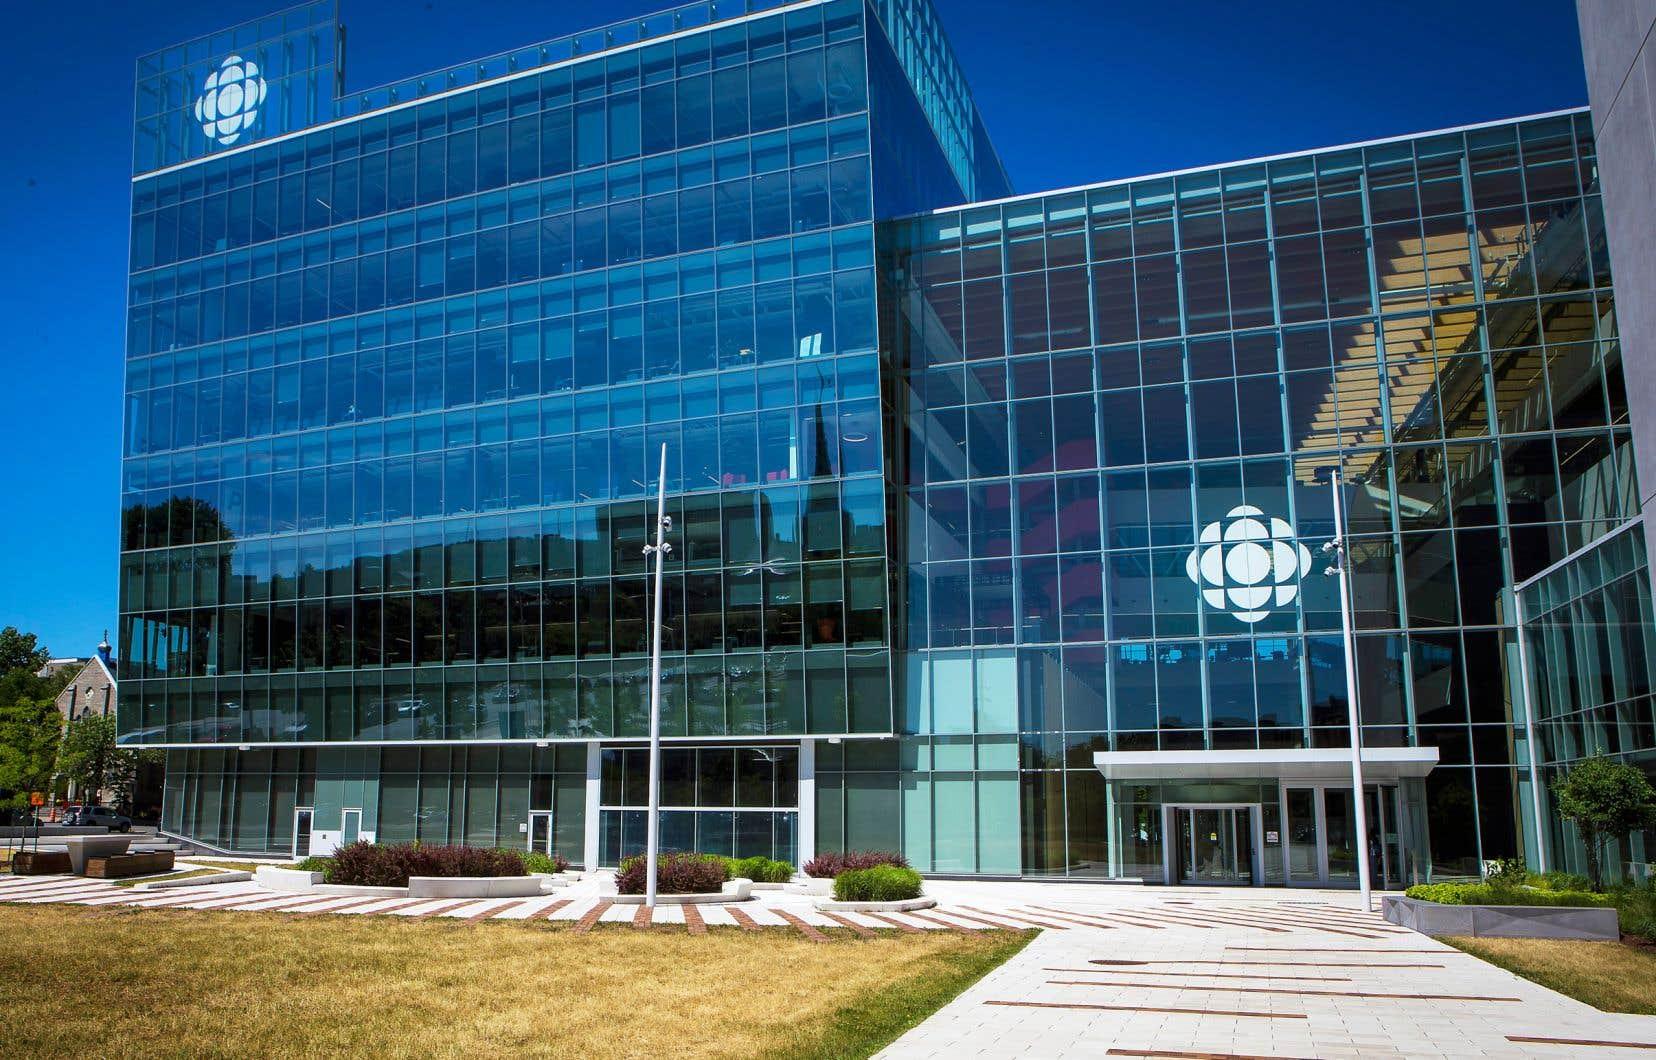 L'ombudsman de Radio-Canada a blâmé l'animateur de l'émission «Bien entendu», Stéphan Bureau, à la suite d'une entrevue avec le controversé médecin français Didier Raoult.